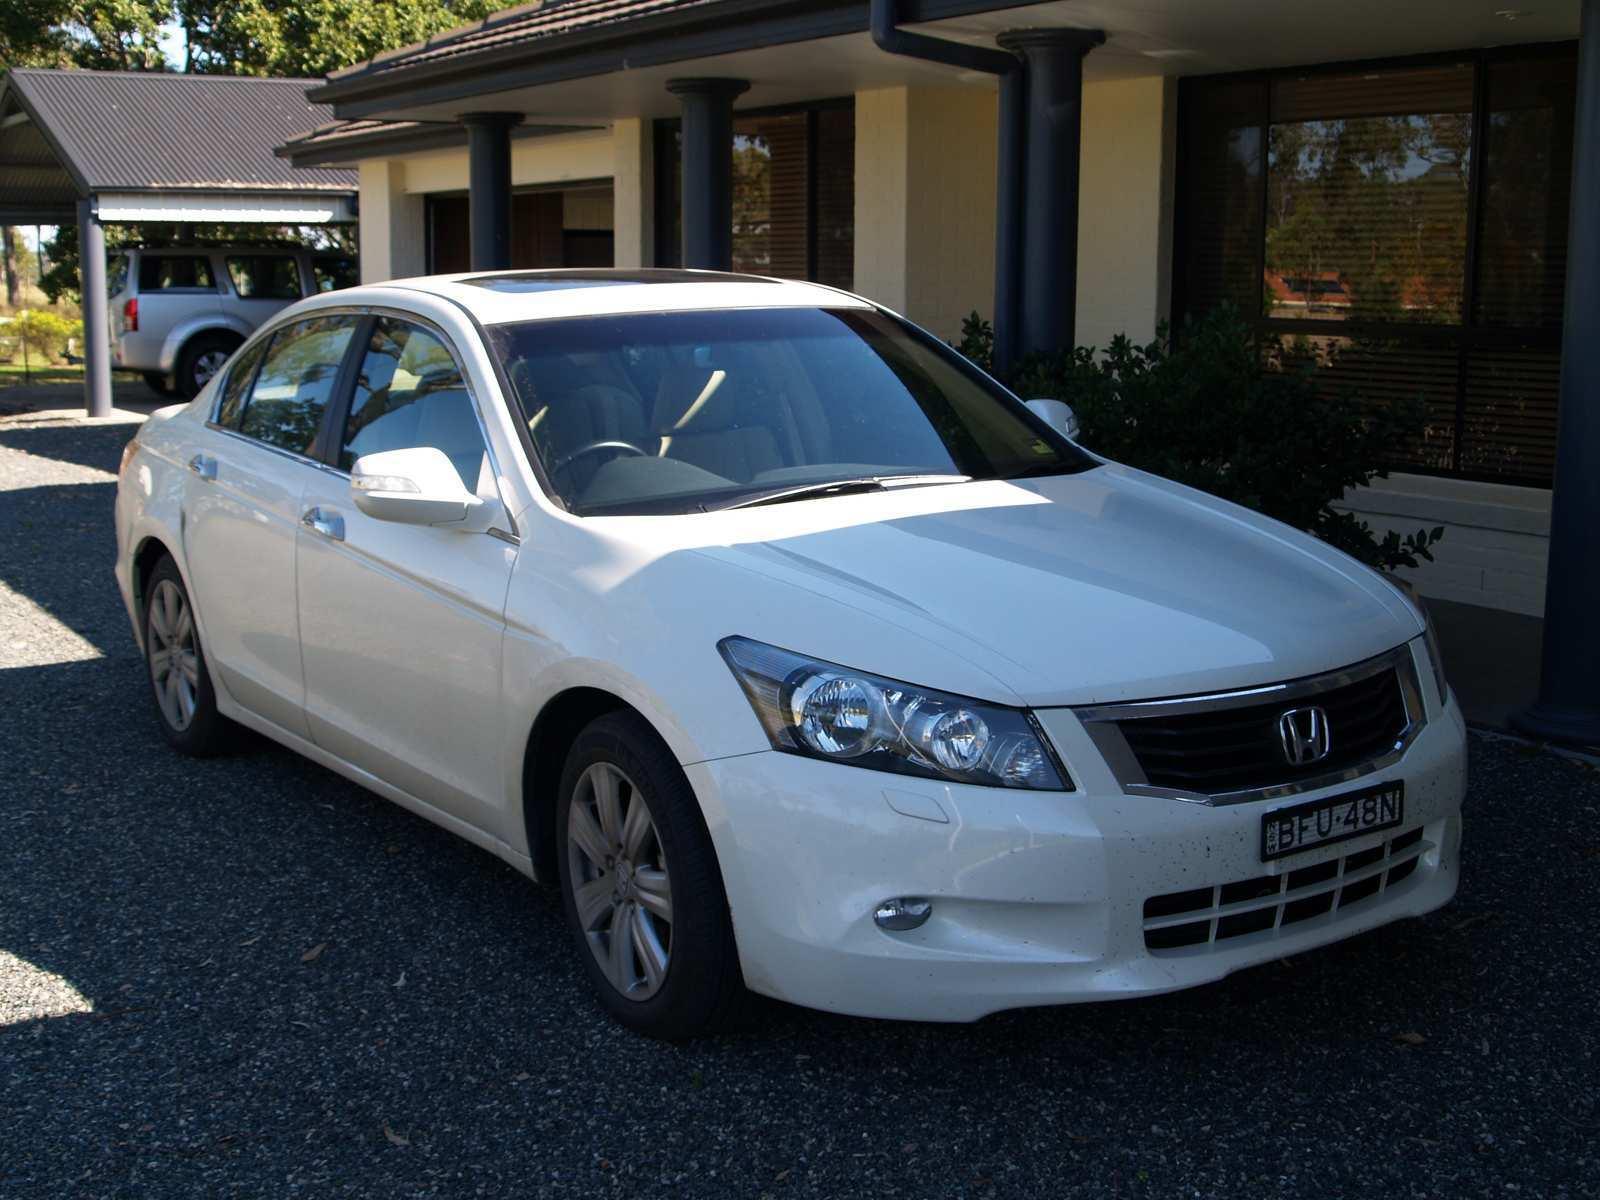 2008 Honda Accord 3.5 V6